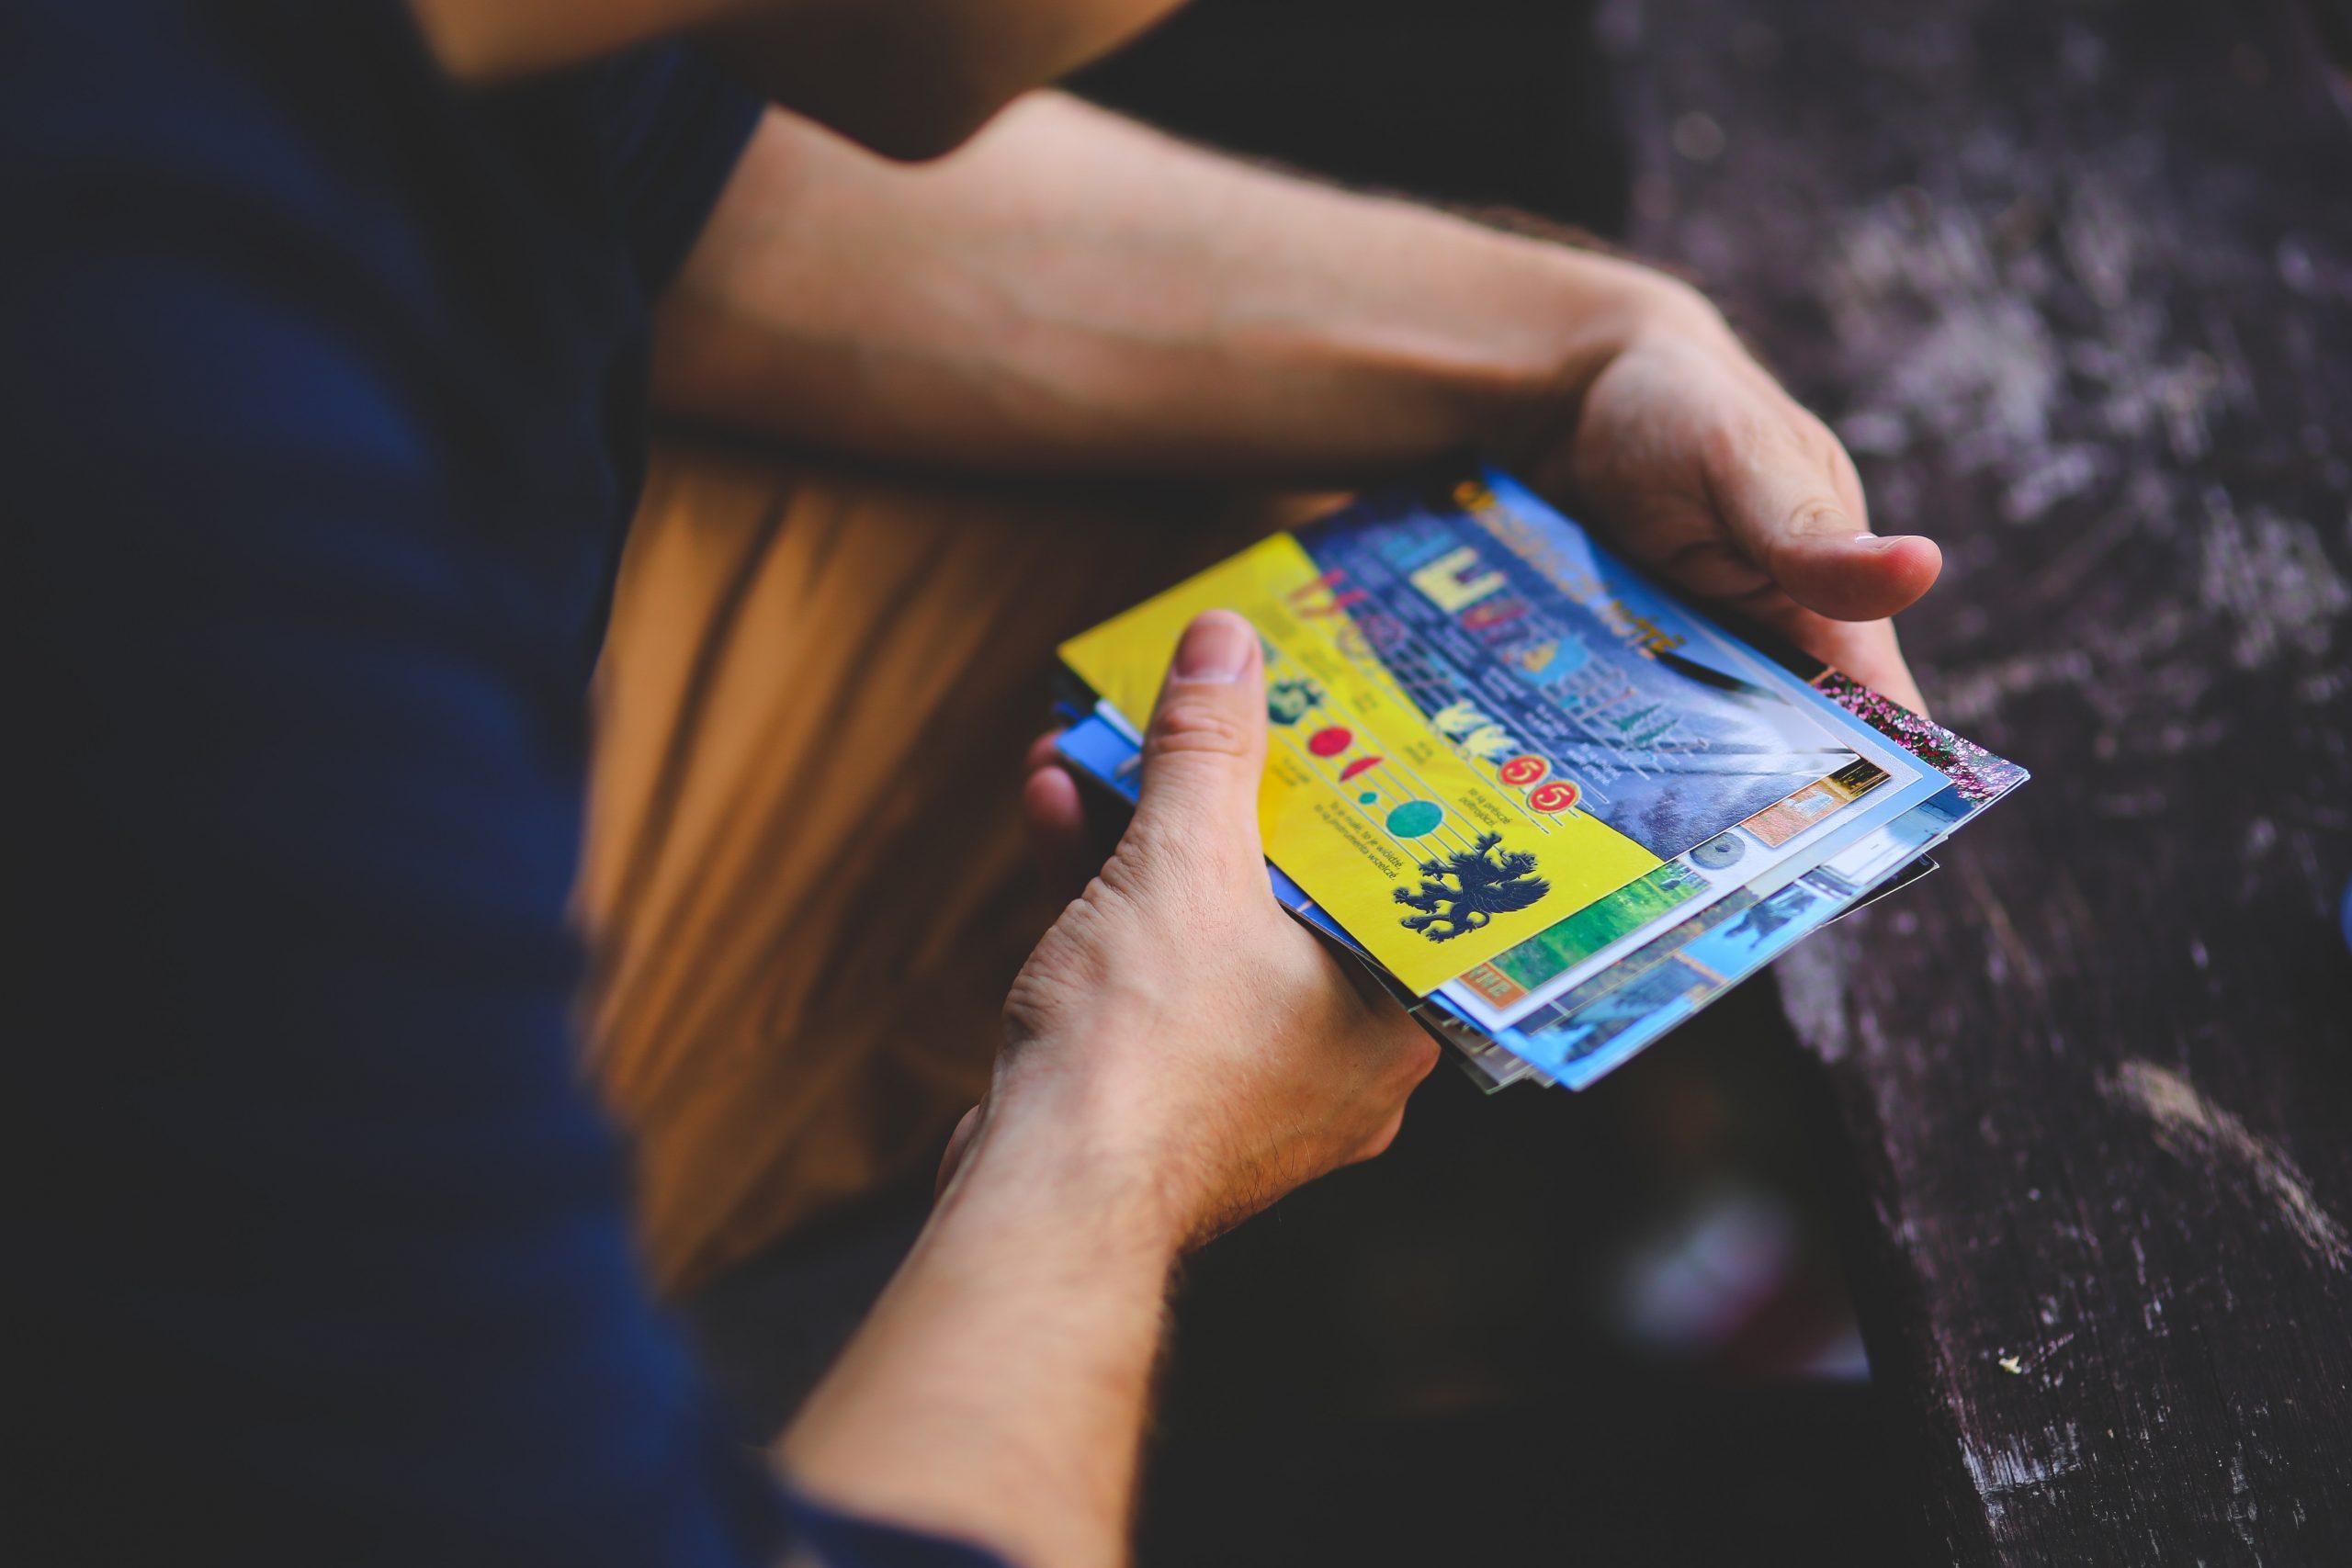 Pré-venda de ingressos restrita para um cartão de crédito específico não é abusiva